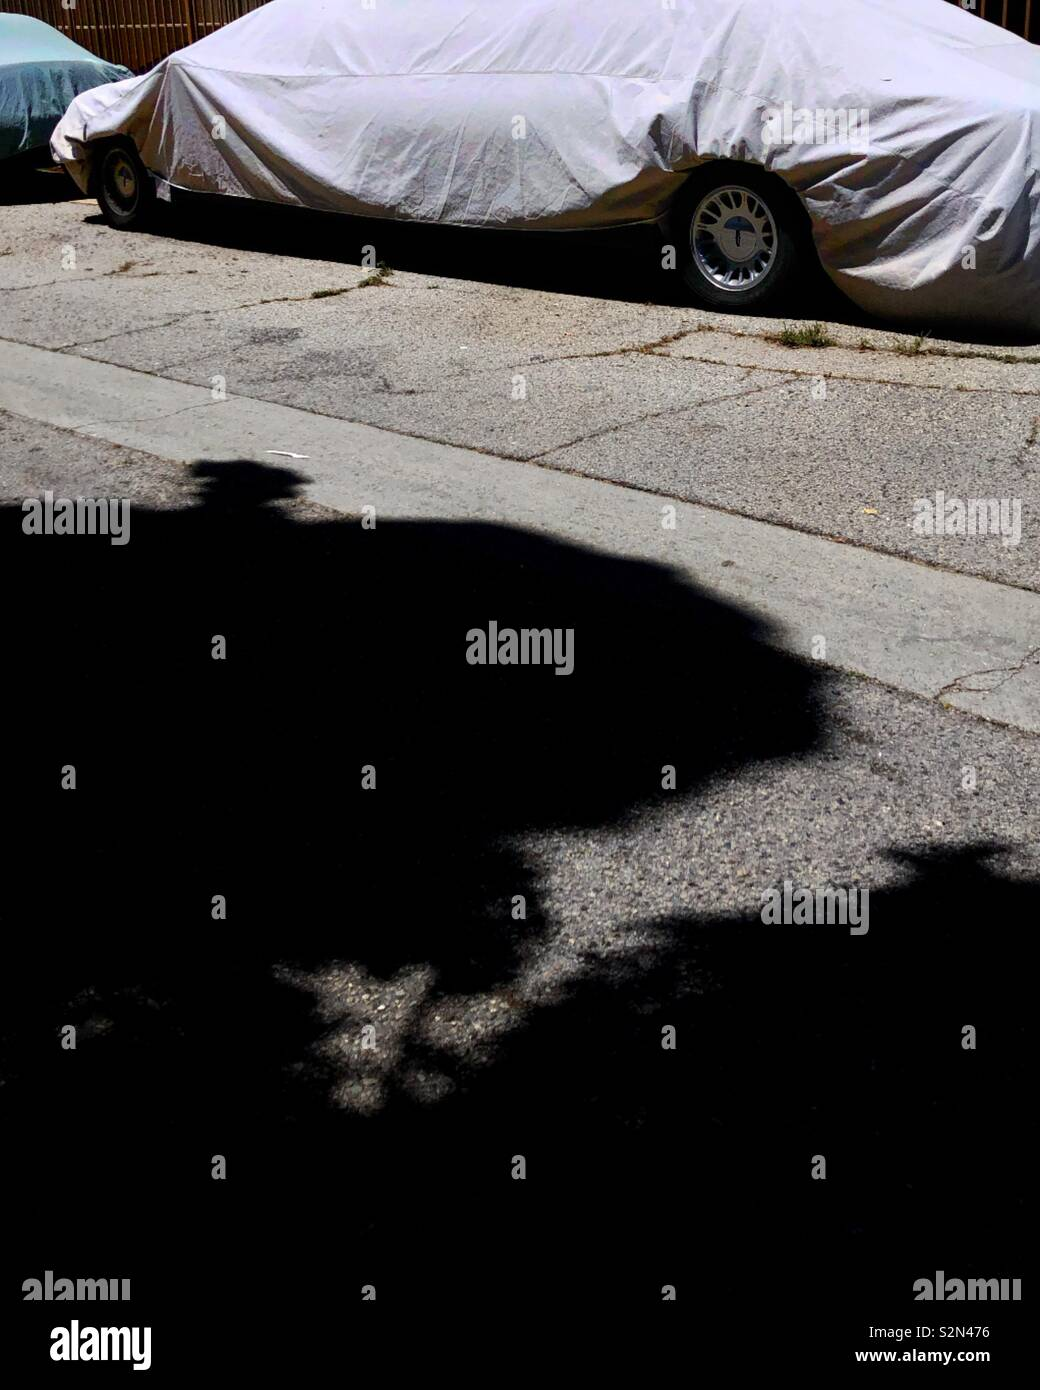 Lona cubre una gran limusina estacionado en un callejón Foto de stock